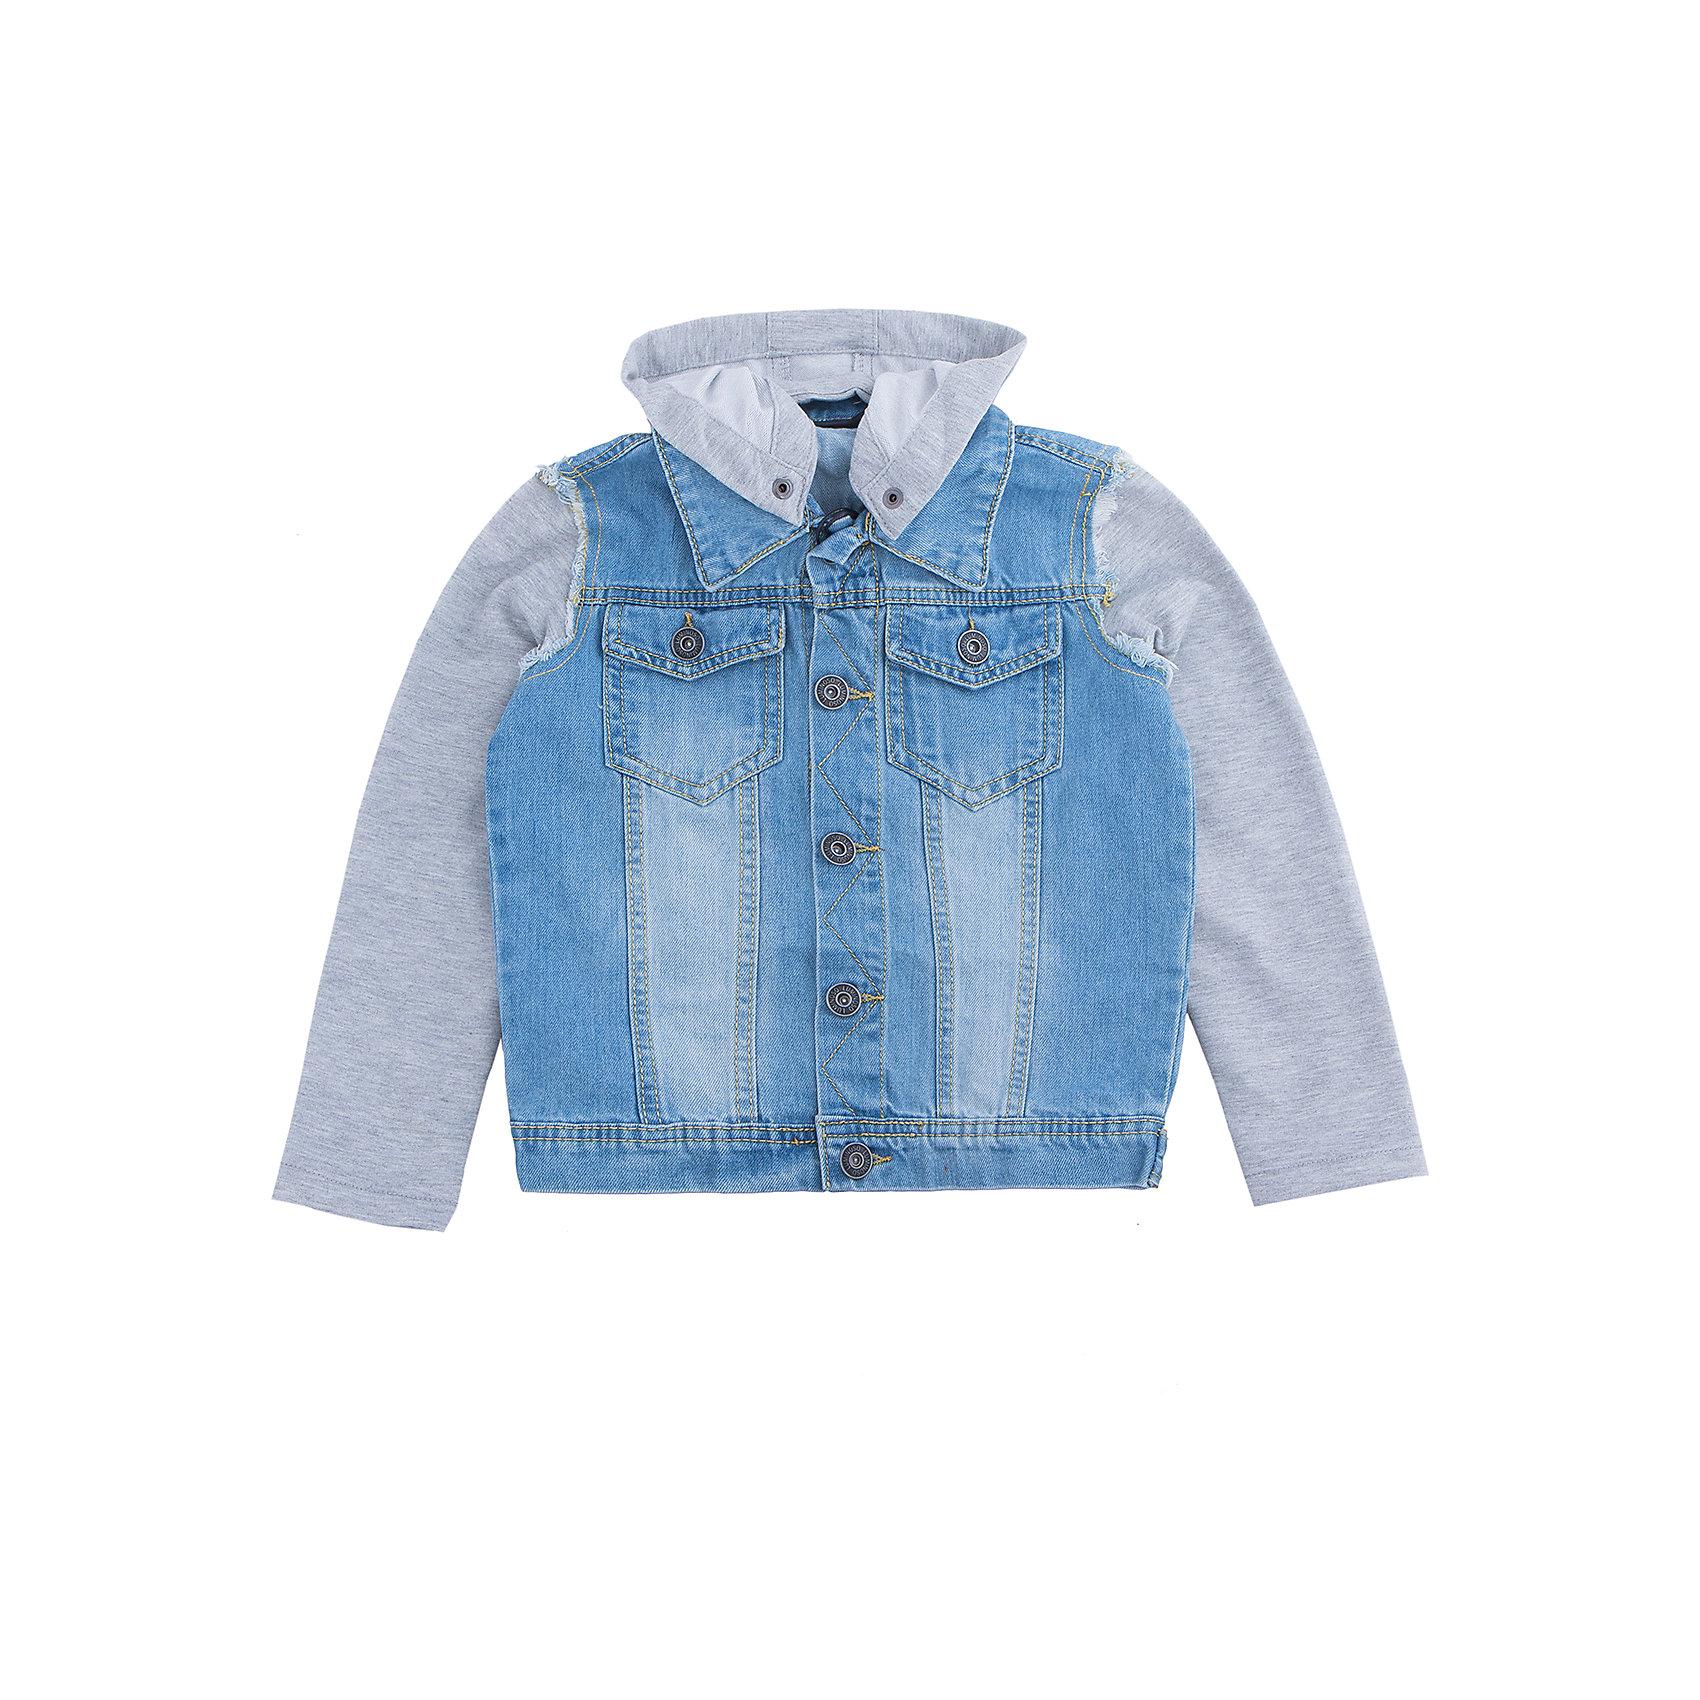 Куртка джинсовая для мальчика LuminosoДжинсовая одежда<br>Джинсовая куртка  для мальчика с оригинальной варкой. Рукава и капюшон  выполнены из трикотажной ткани. Съемный капюшон. Куртка застегивается на пуговицы, спереди два накладных кармана. Воротник отложной.<br>Состав:<br>100%хлопок<br><br>Ширина мм: 356<br>Глубина мм: 10<br>Высота мм: 245<br>Вес г: 519<br>Цвет: голубой<br>Возраст от месяцев: 96<br>Возраст до месяцев: 108<br>Пол: Мужской<br>Возраст: Детский<br>Размер: 134,140,164,158,152,146<br>SKU: 5409699